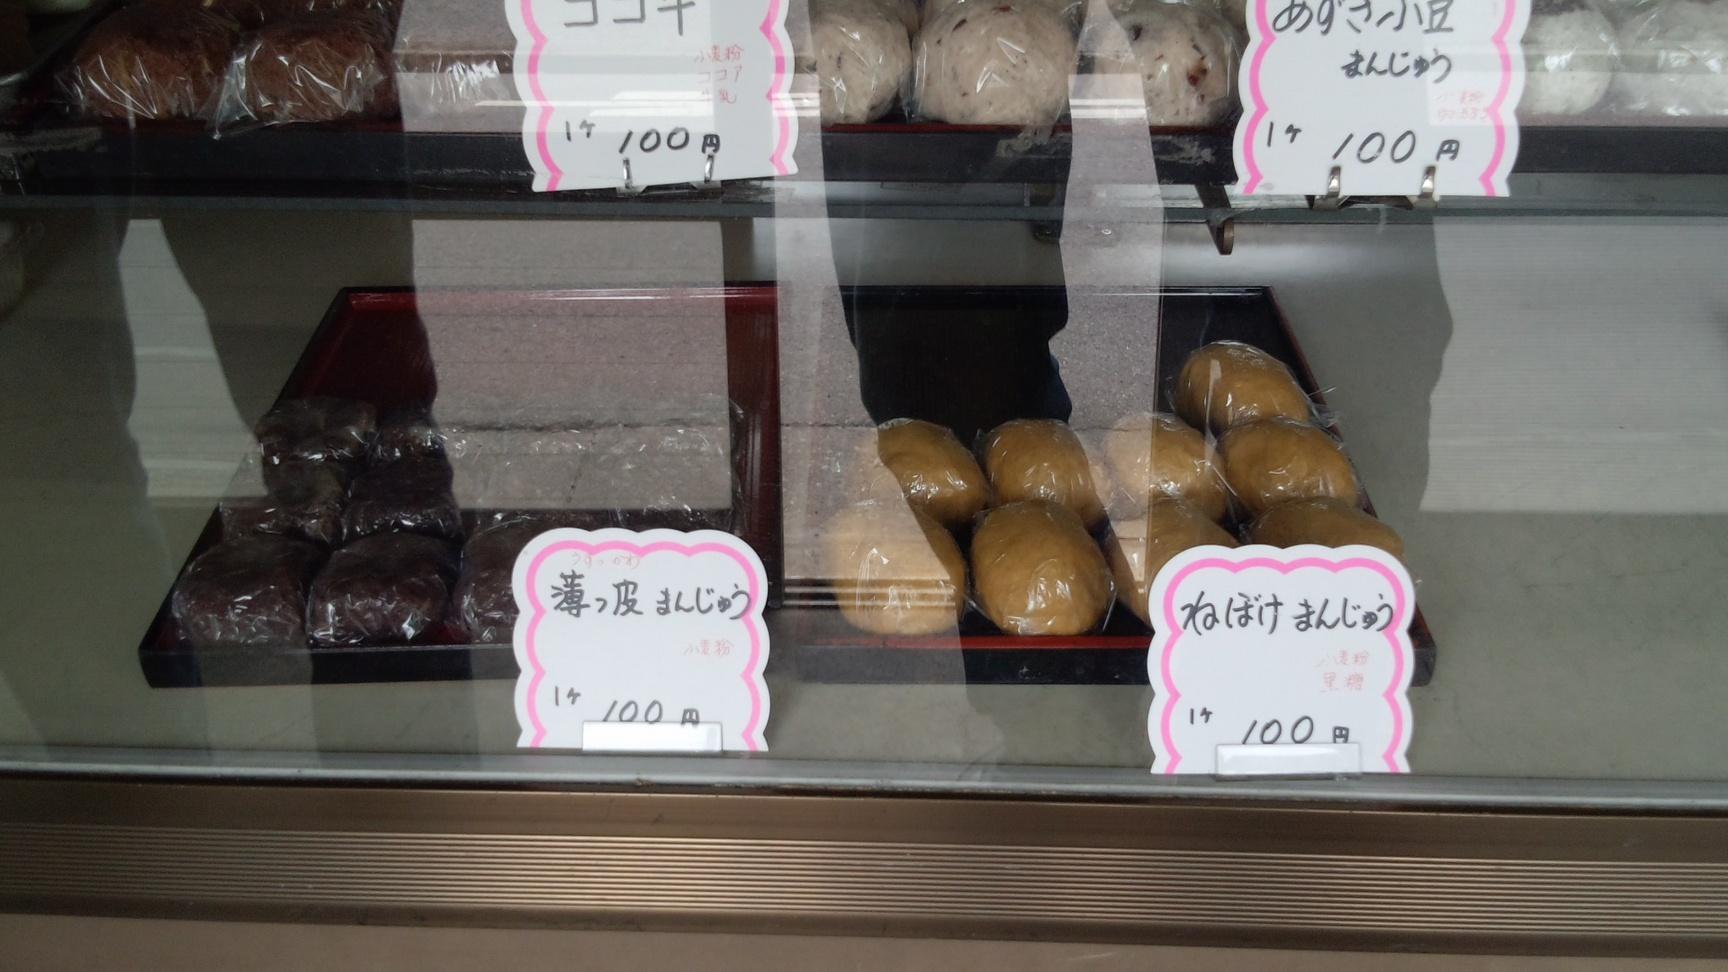 甲府堂菓子店 name=